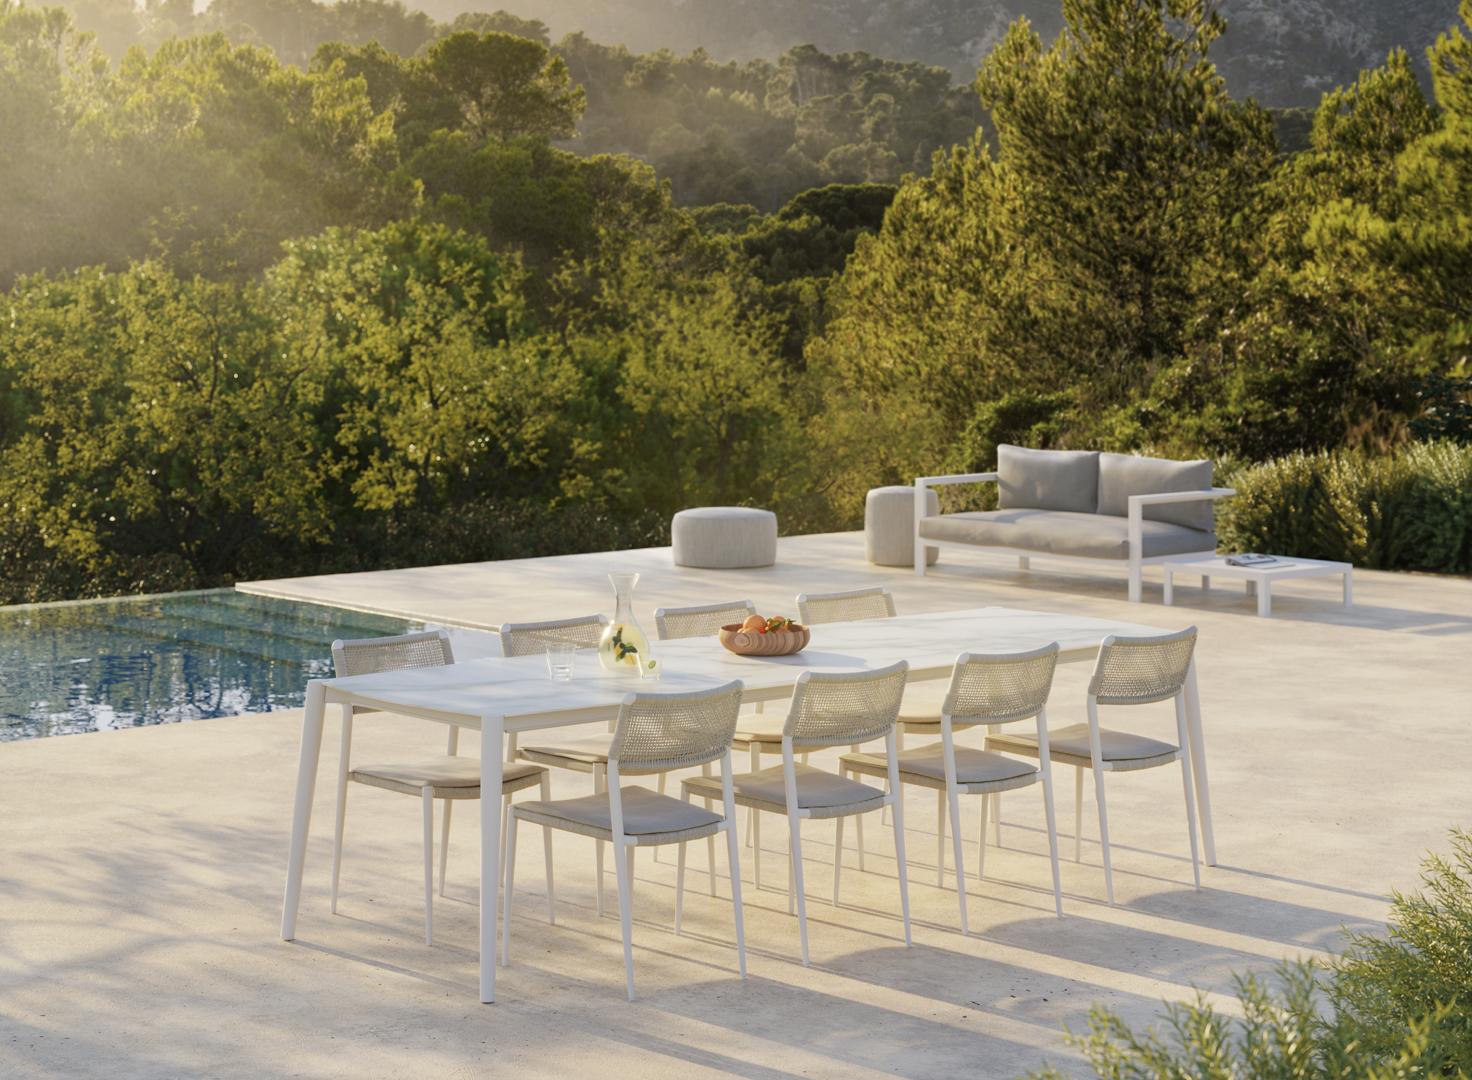 Beeldcollectief Diphano outdoor furniture render